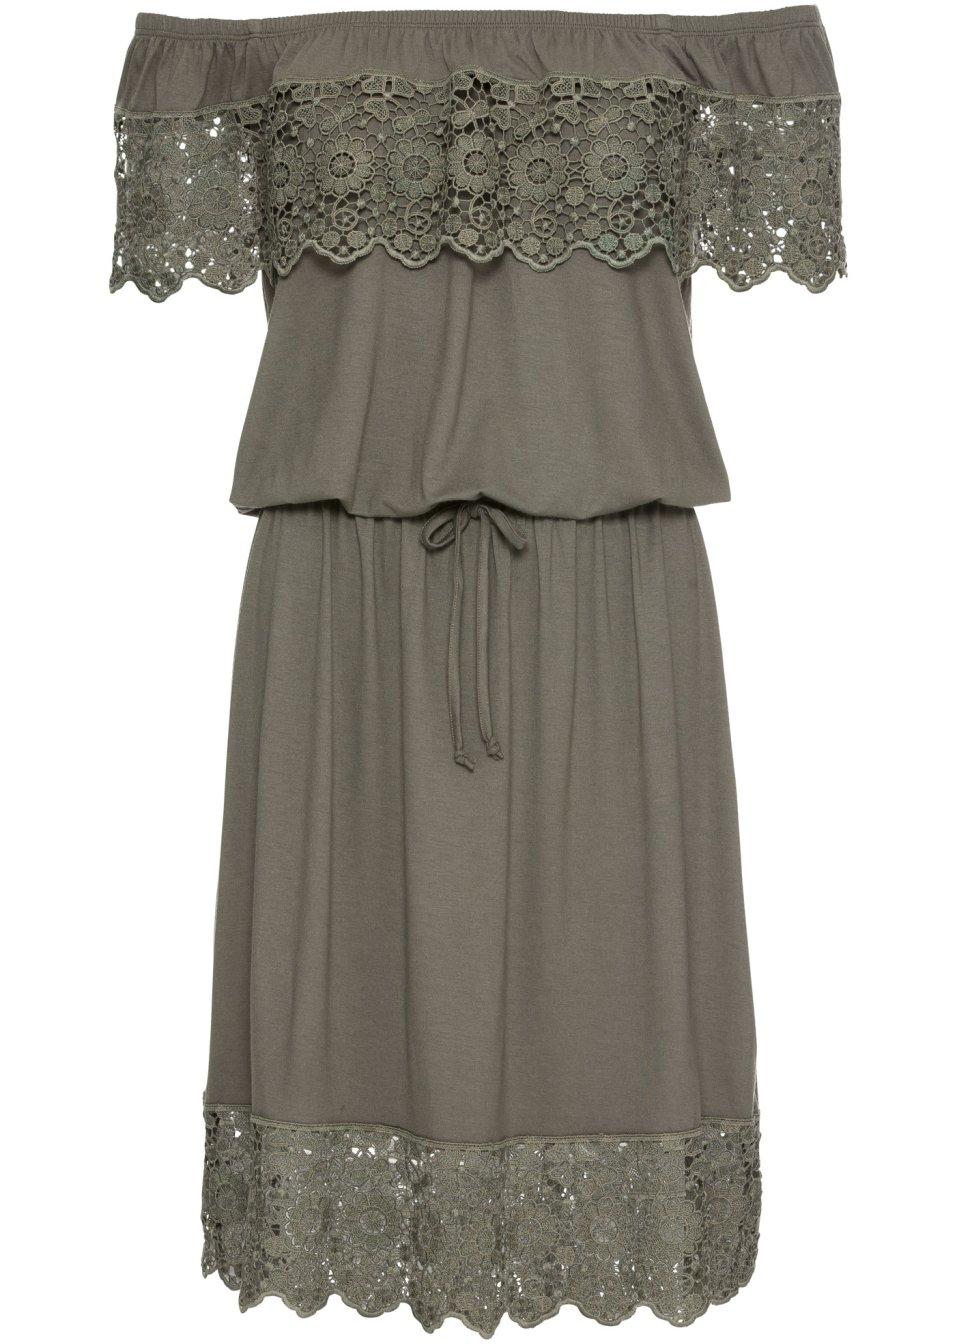 Traumhaftes Carmen-Kleid mit breiten Spitzenborten - schlammgrün aZndn RJrLR